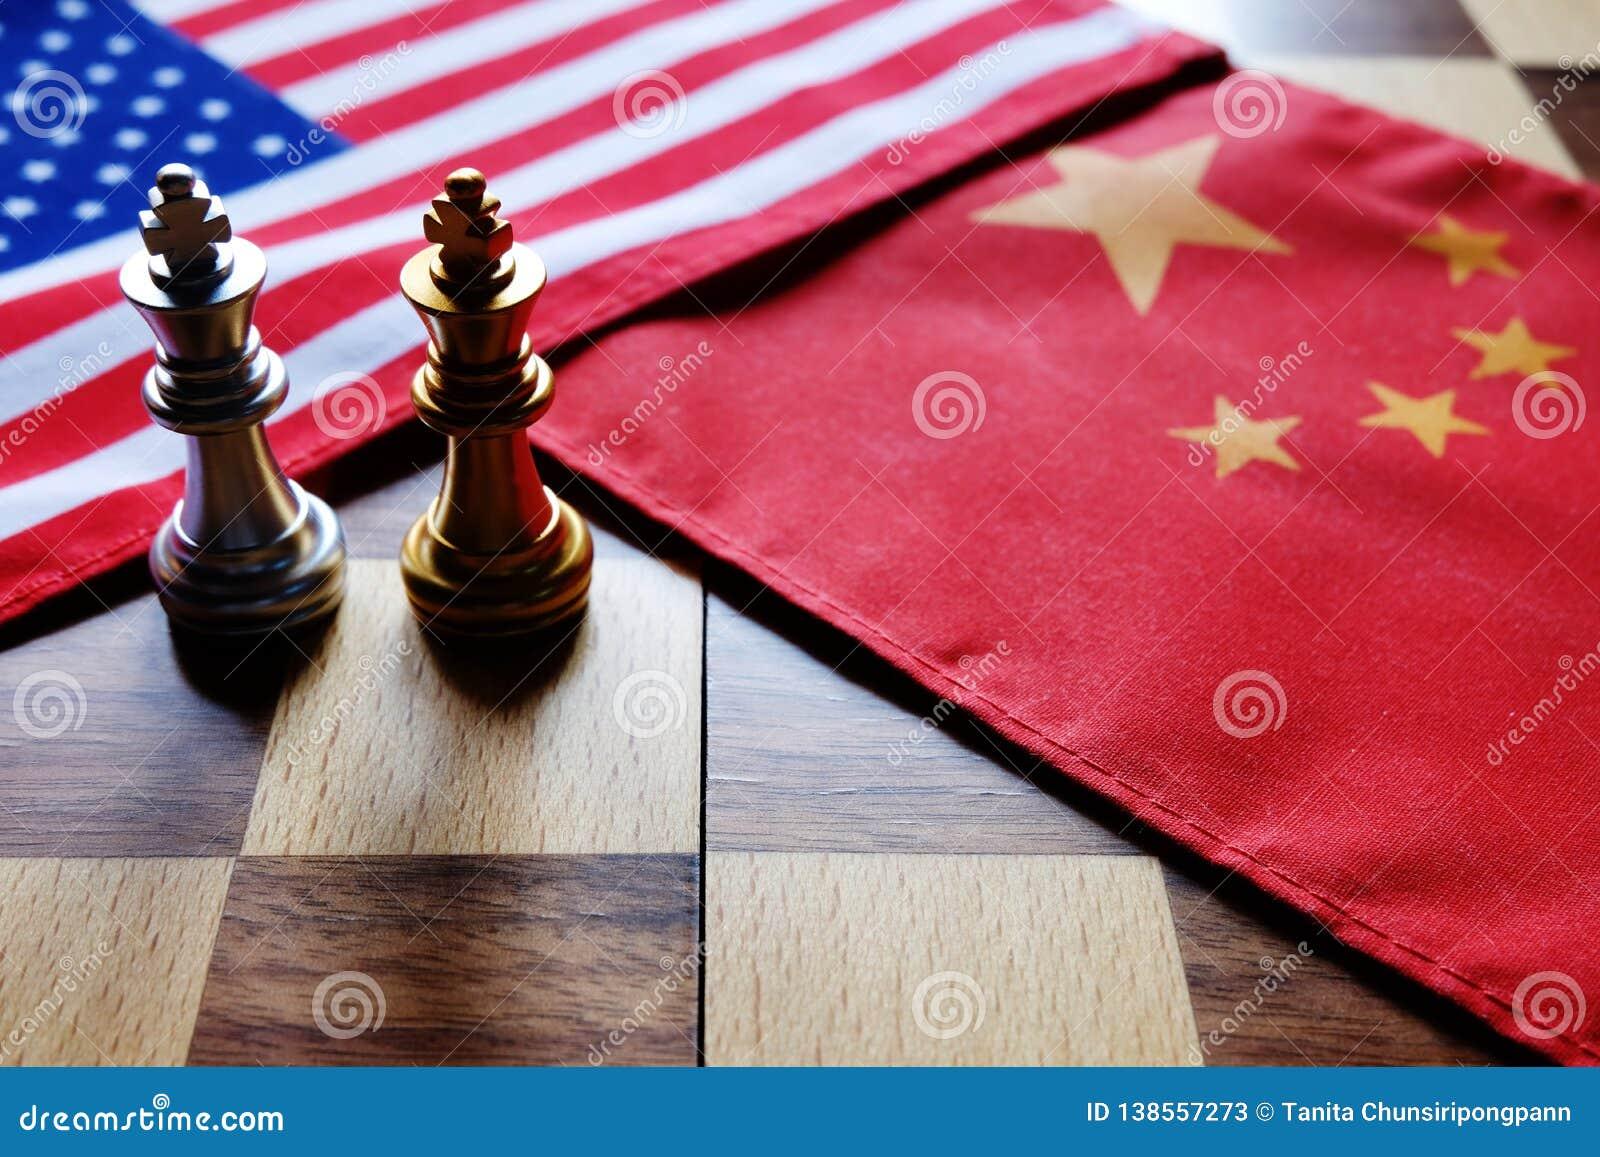 Jogo de xadrez Dois reis cara a cara em bandeiras nacionais chinesas e americanas Guerra comercial e conflito entre dois países g